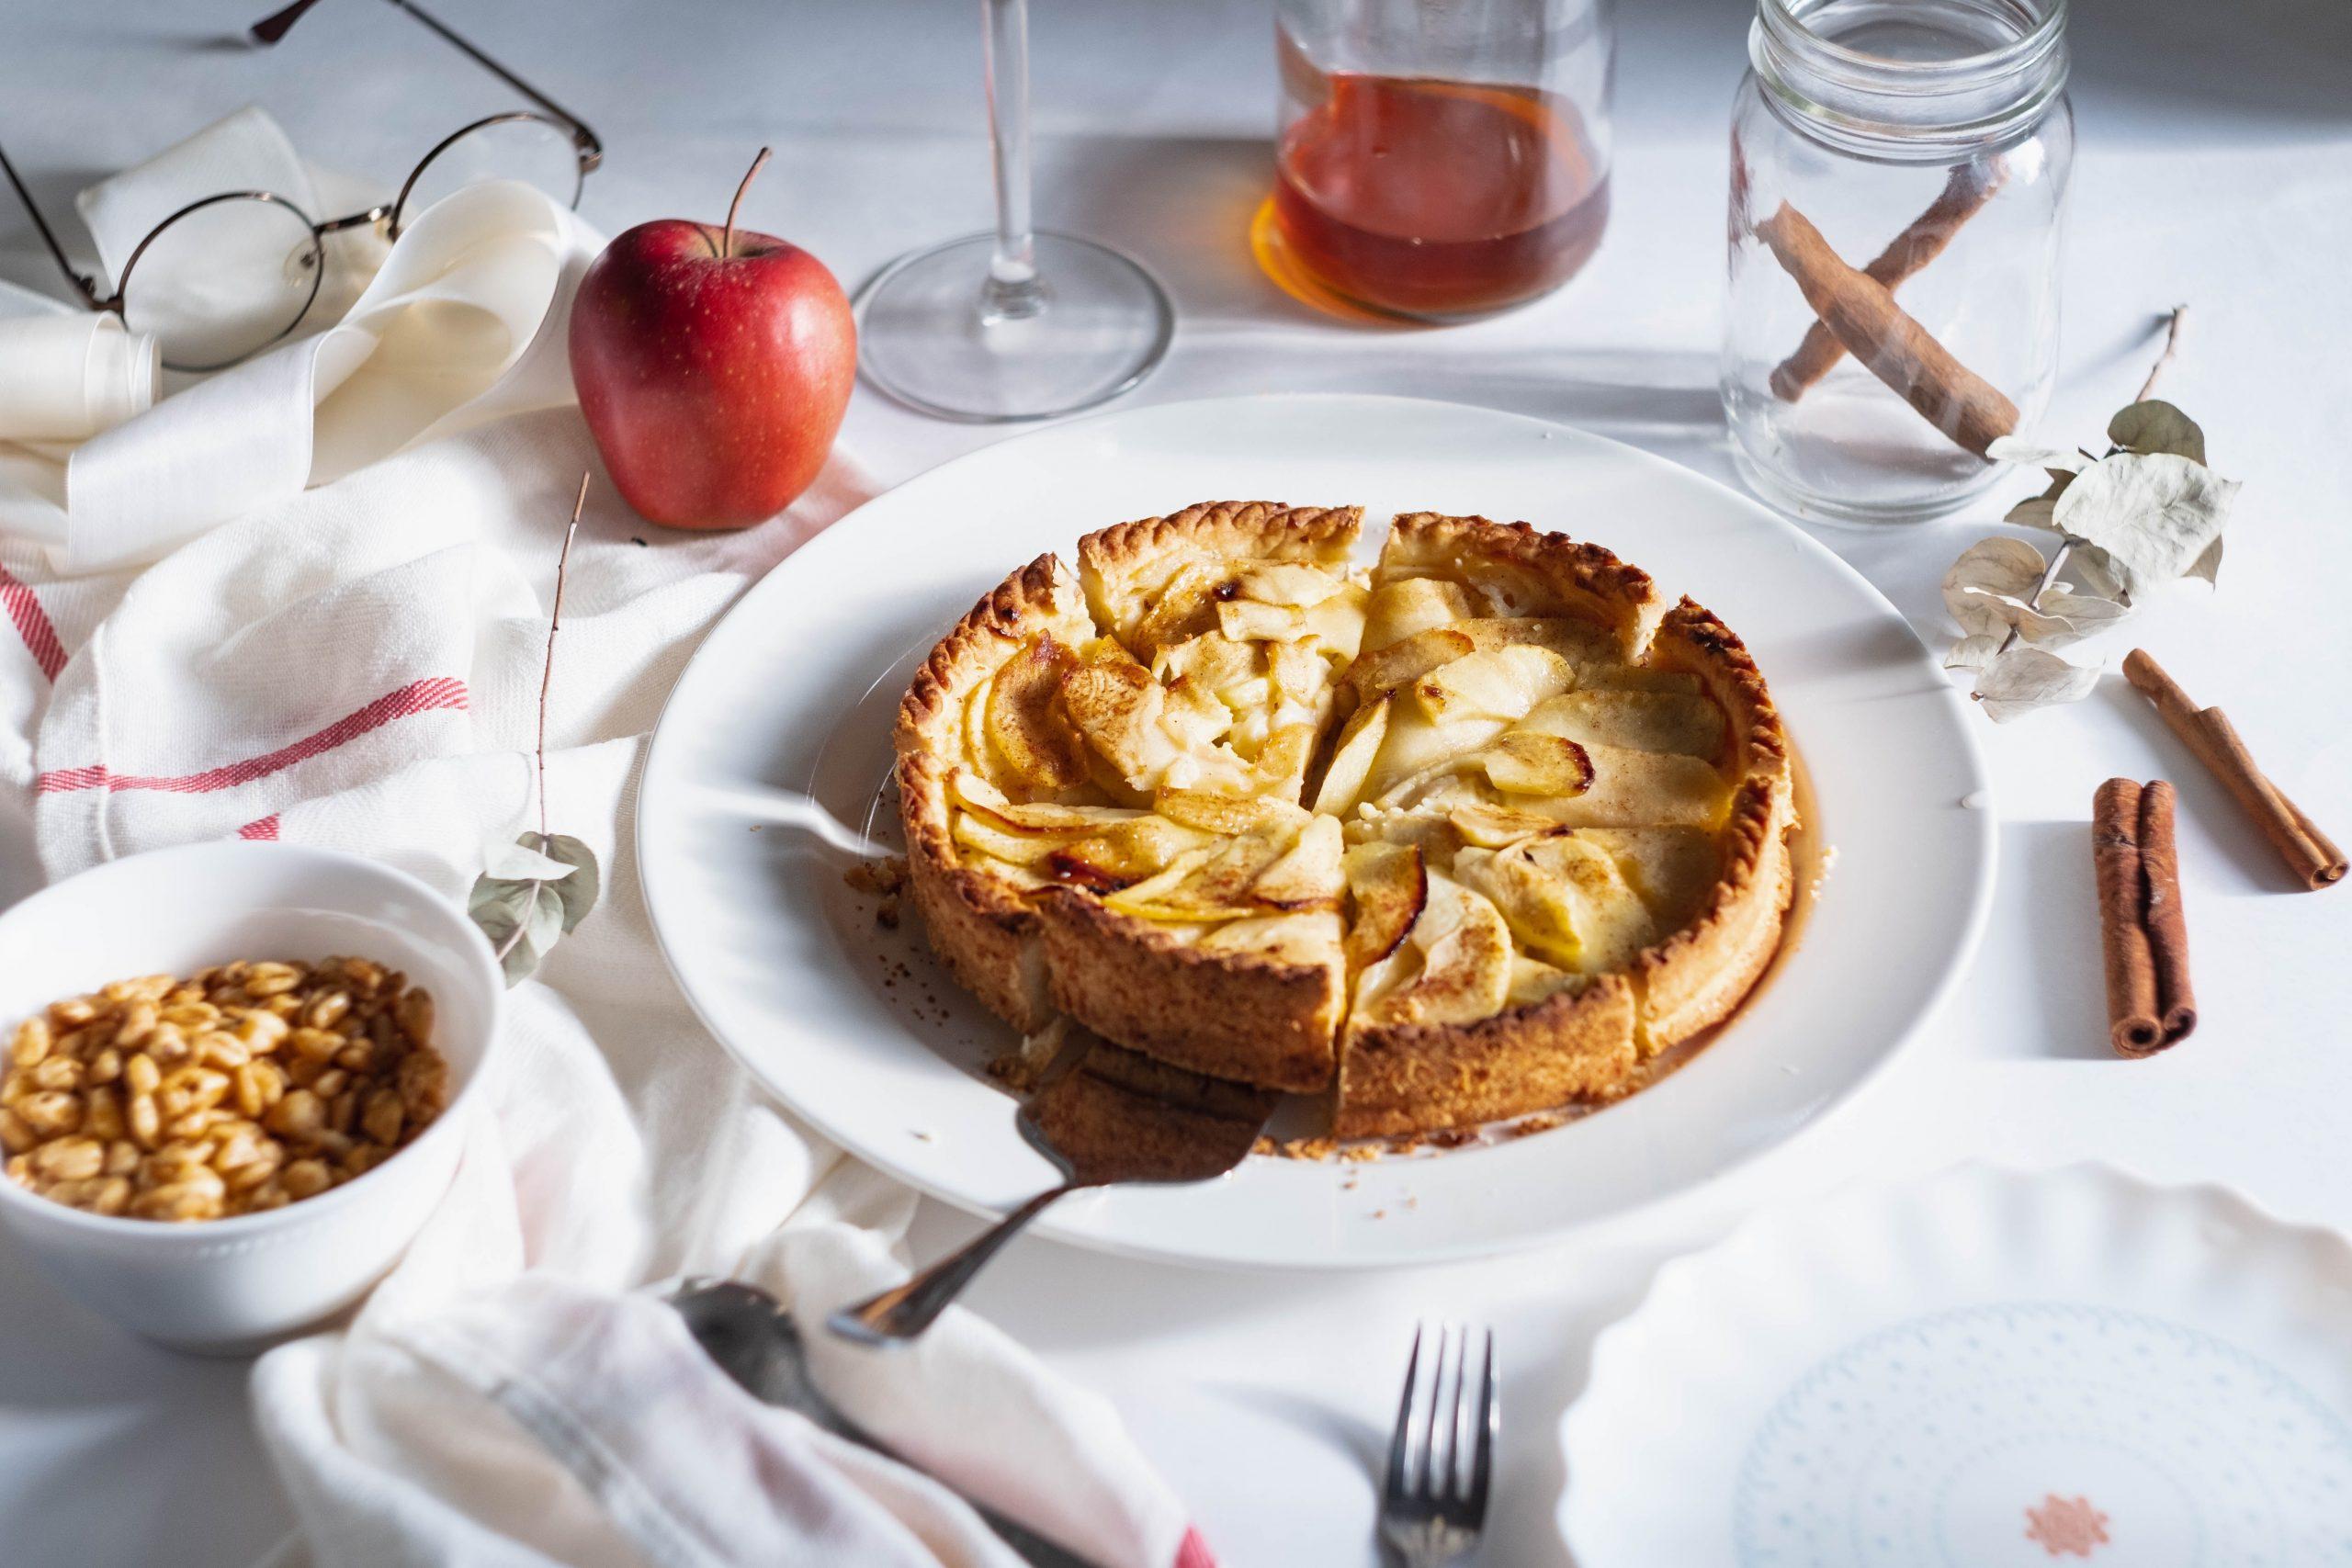 Apple pie with server